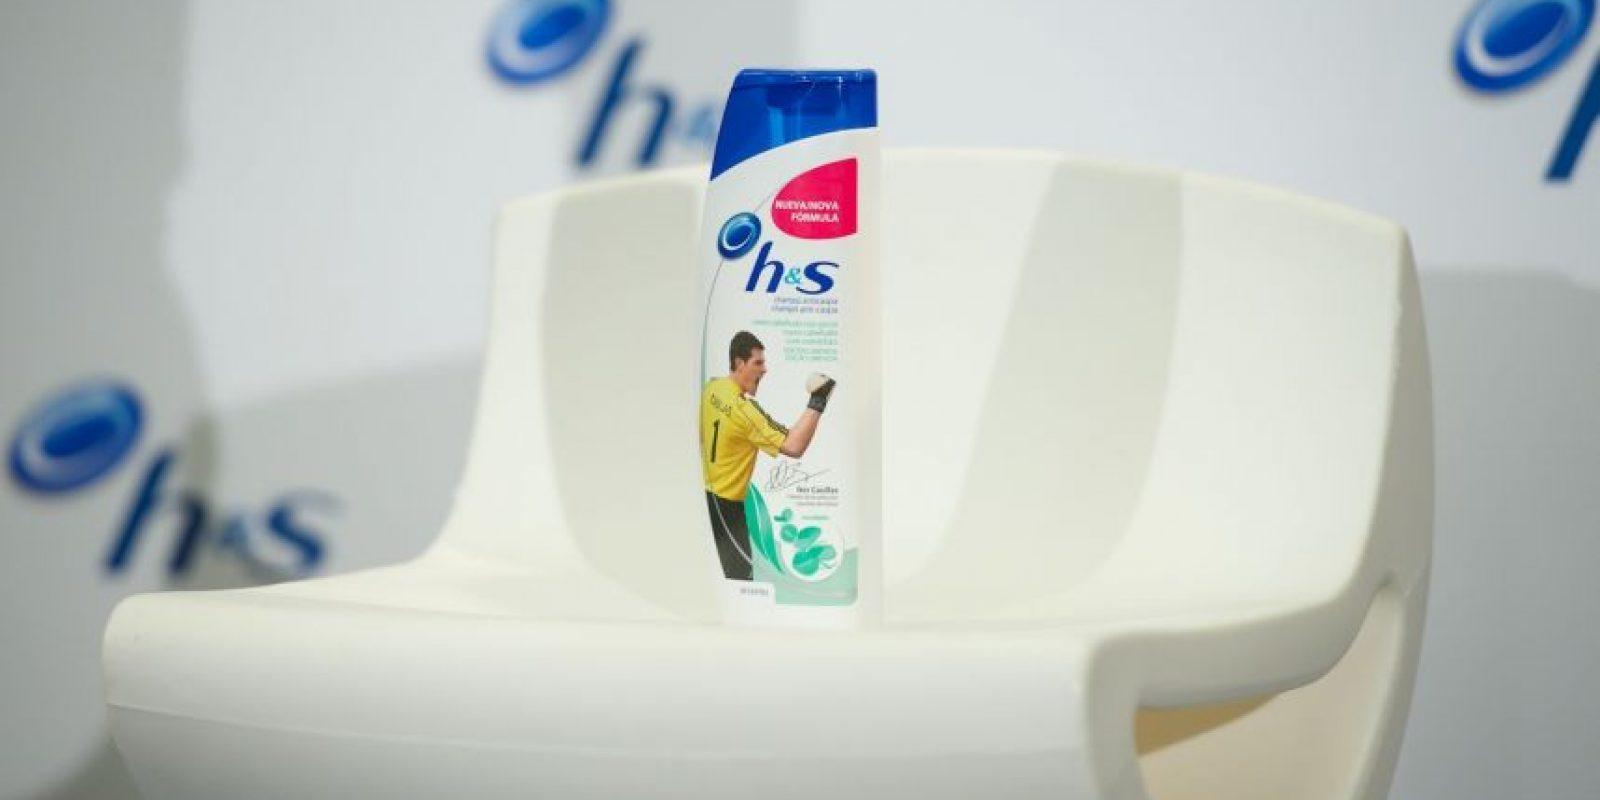 """Tomás Pérez del Cerro """"el profesor"""" falsificaba el producto de la compañía multinacional Procter&Gamble. Foto:Getty Images"""